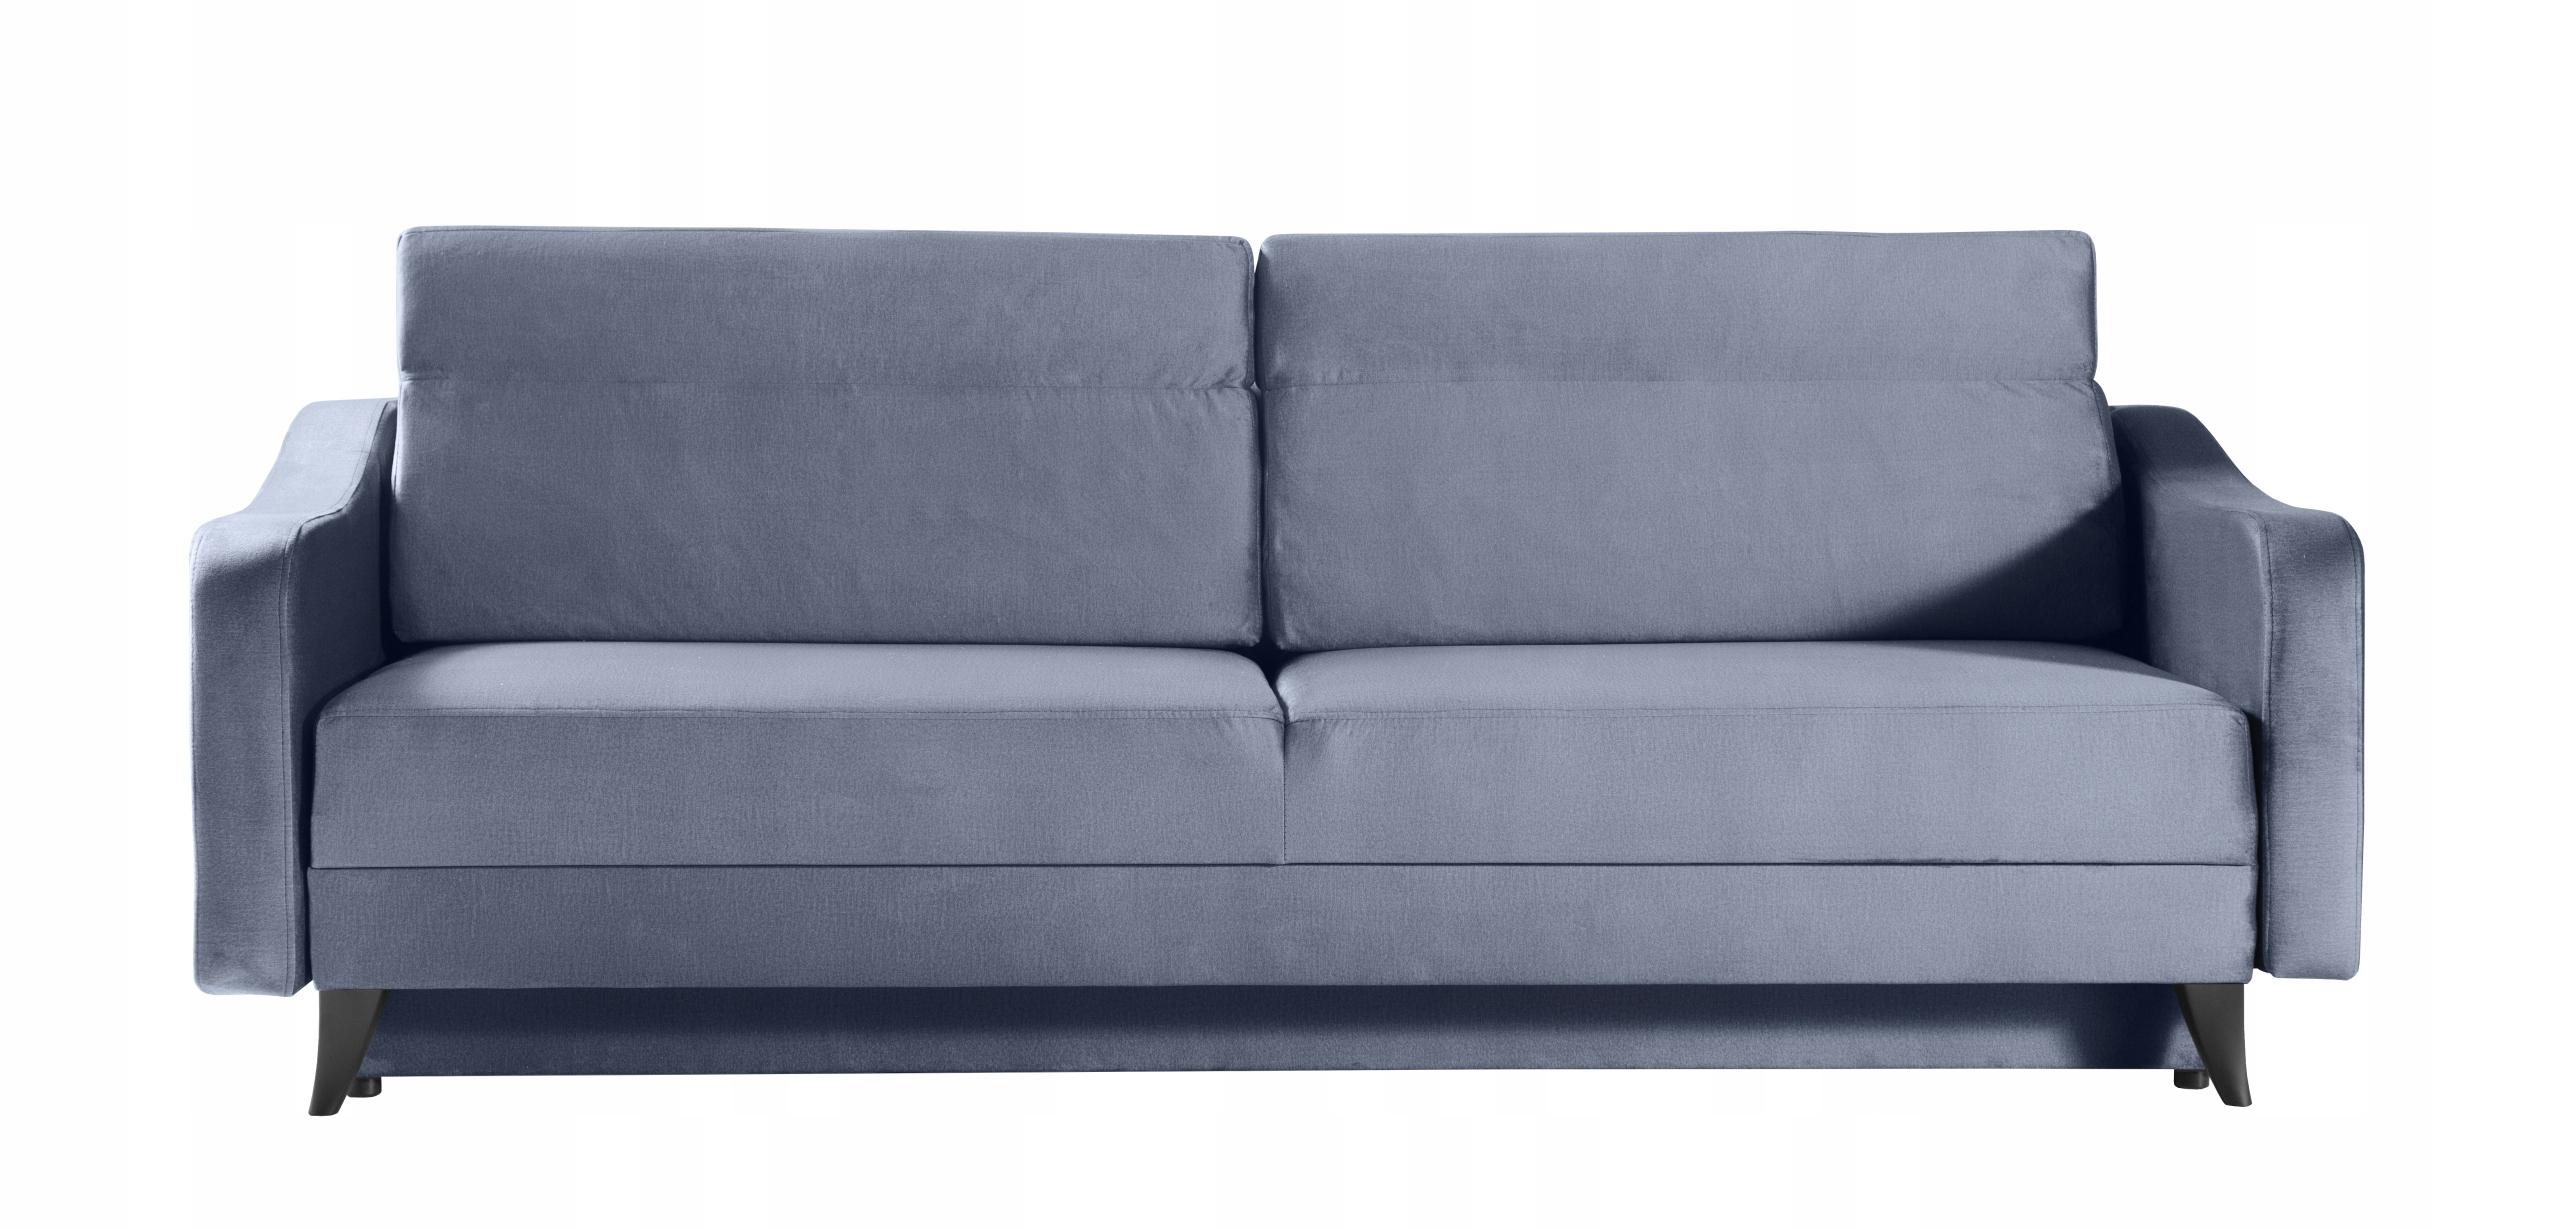 LATIKA WOHNZIMMER / FARBEN / NEU Die Breite der Möbel beträgt 226 cm